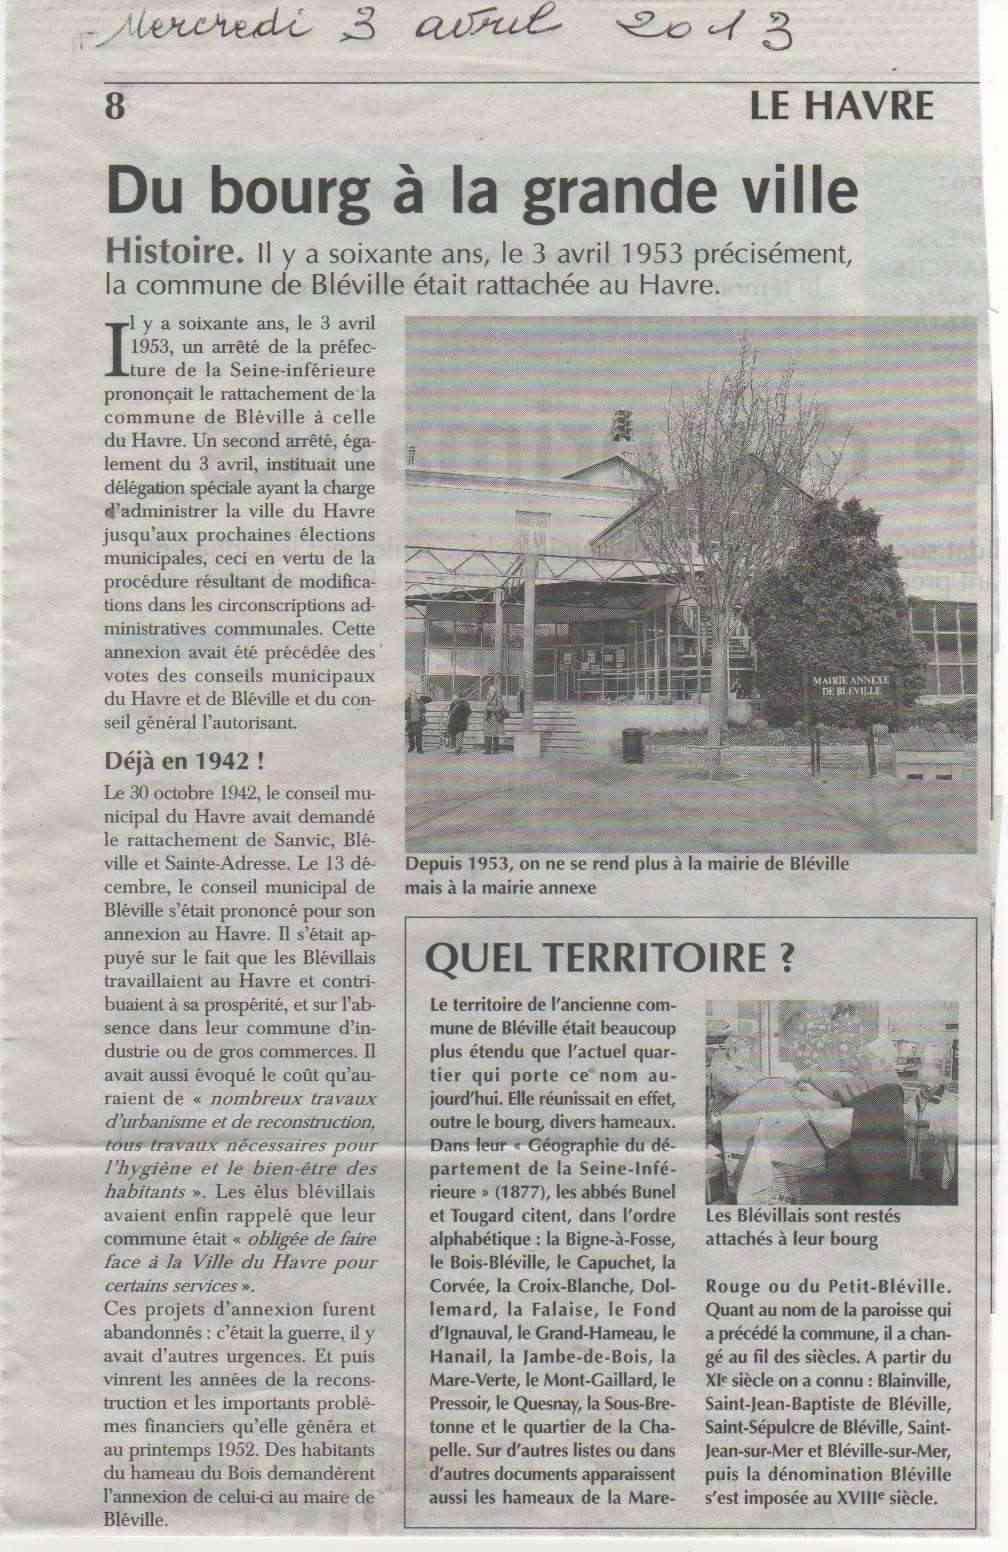 Abbé - Histoire des communes - Le Havre-Bléville Le_hav10